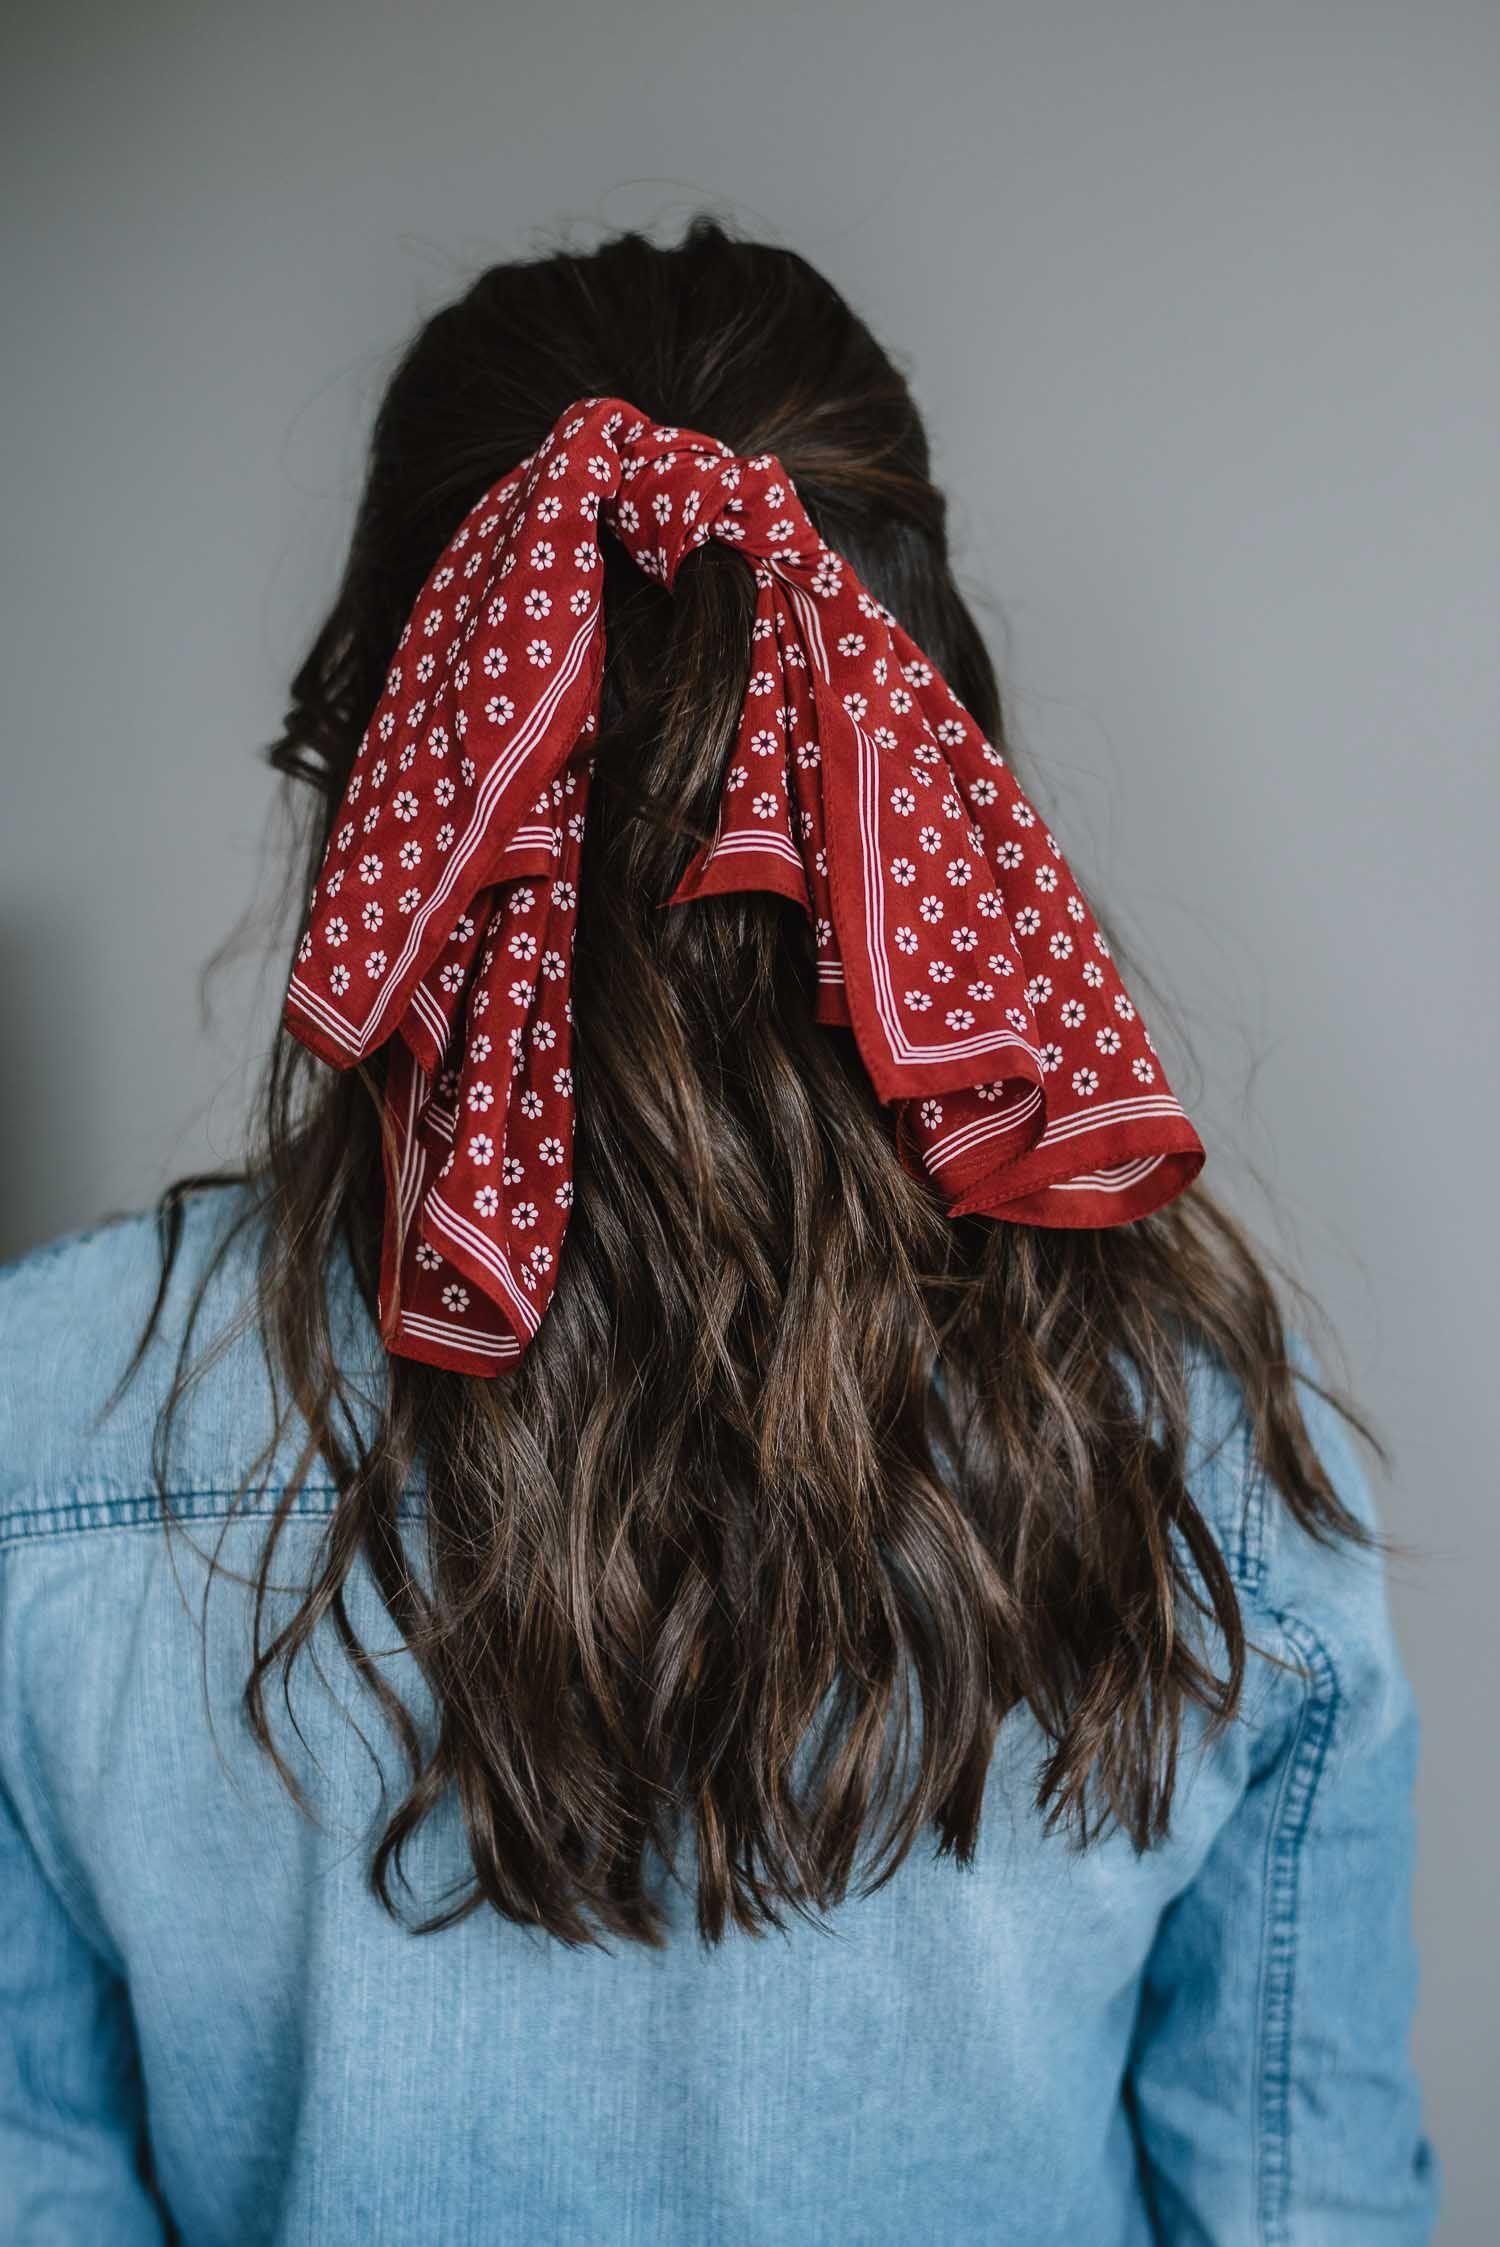 Ways To Wear A Bandana In Your Hair Bandana Hair Style My Style Vita Penteados Headband Penteados Com Arco De Cabelo Acessorios Para Cabelo